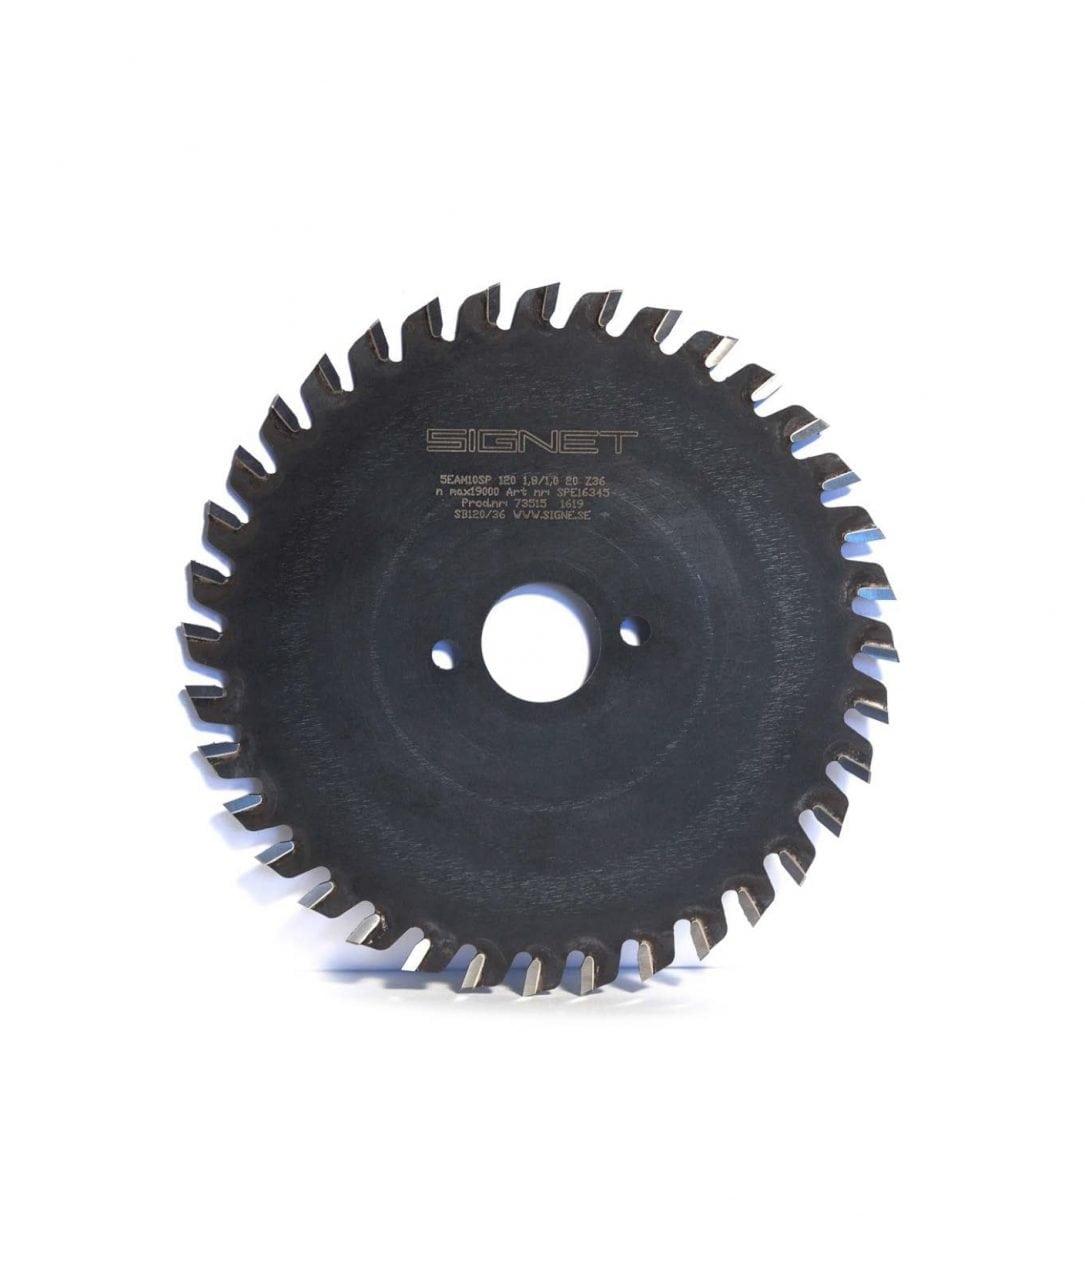 Sågblad för cirkelsåg Varga 11 & 21-15 (SSB-120)